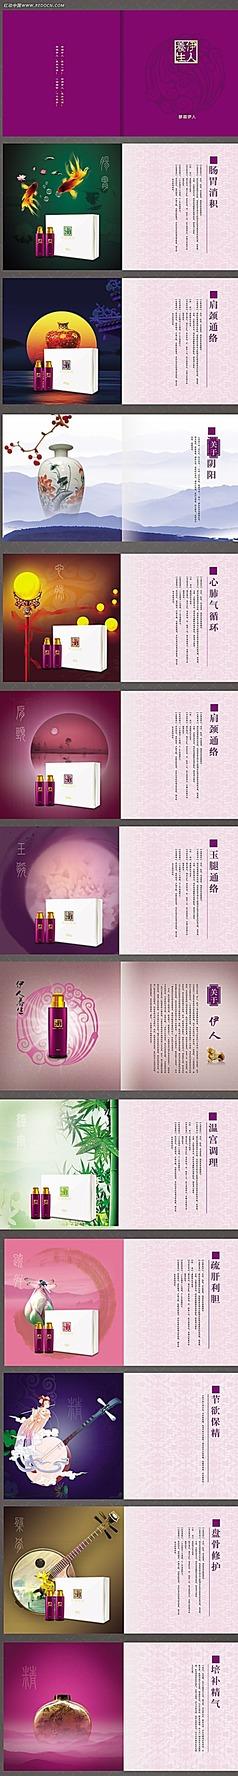 中国风紫色养生保健产品画册